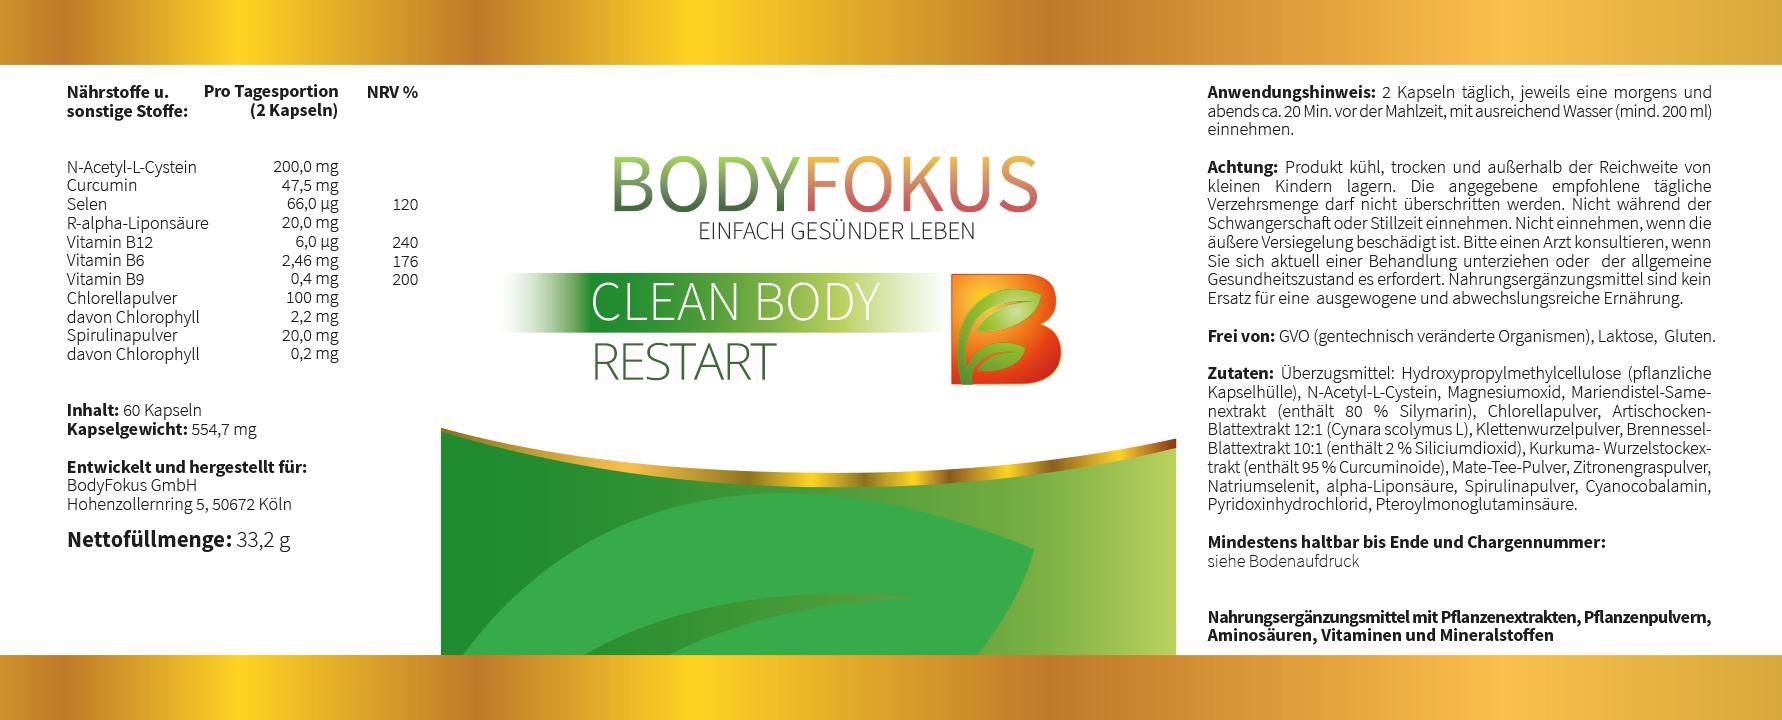 Clean Body Restart Etikett